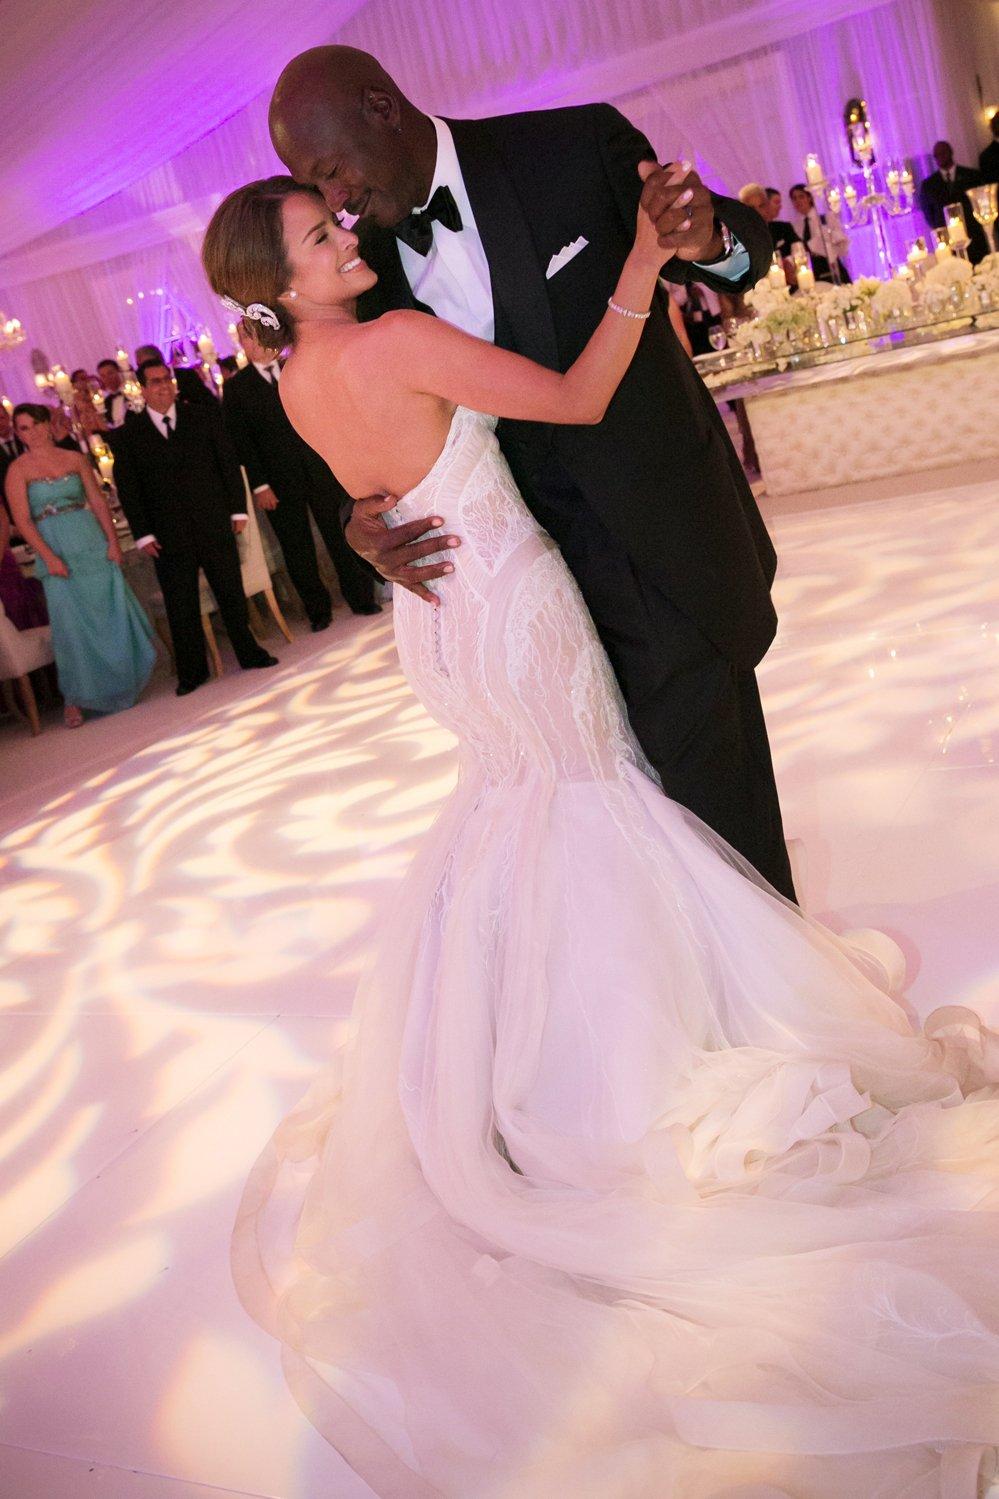 La súper boda de Michael Jordan e Yvette Prieto - Fotos